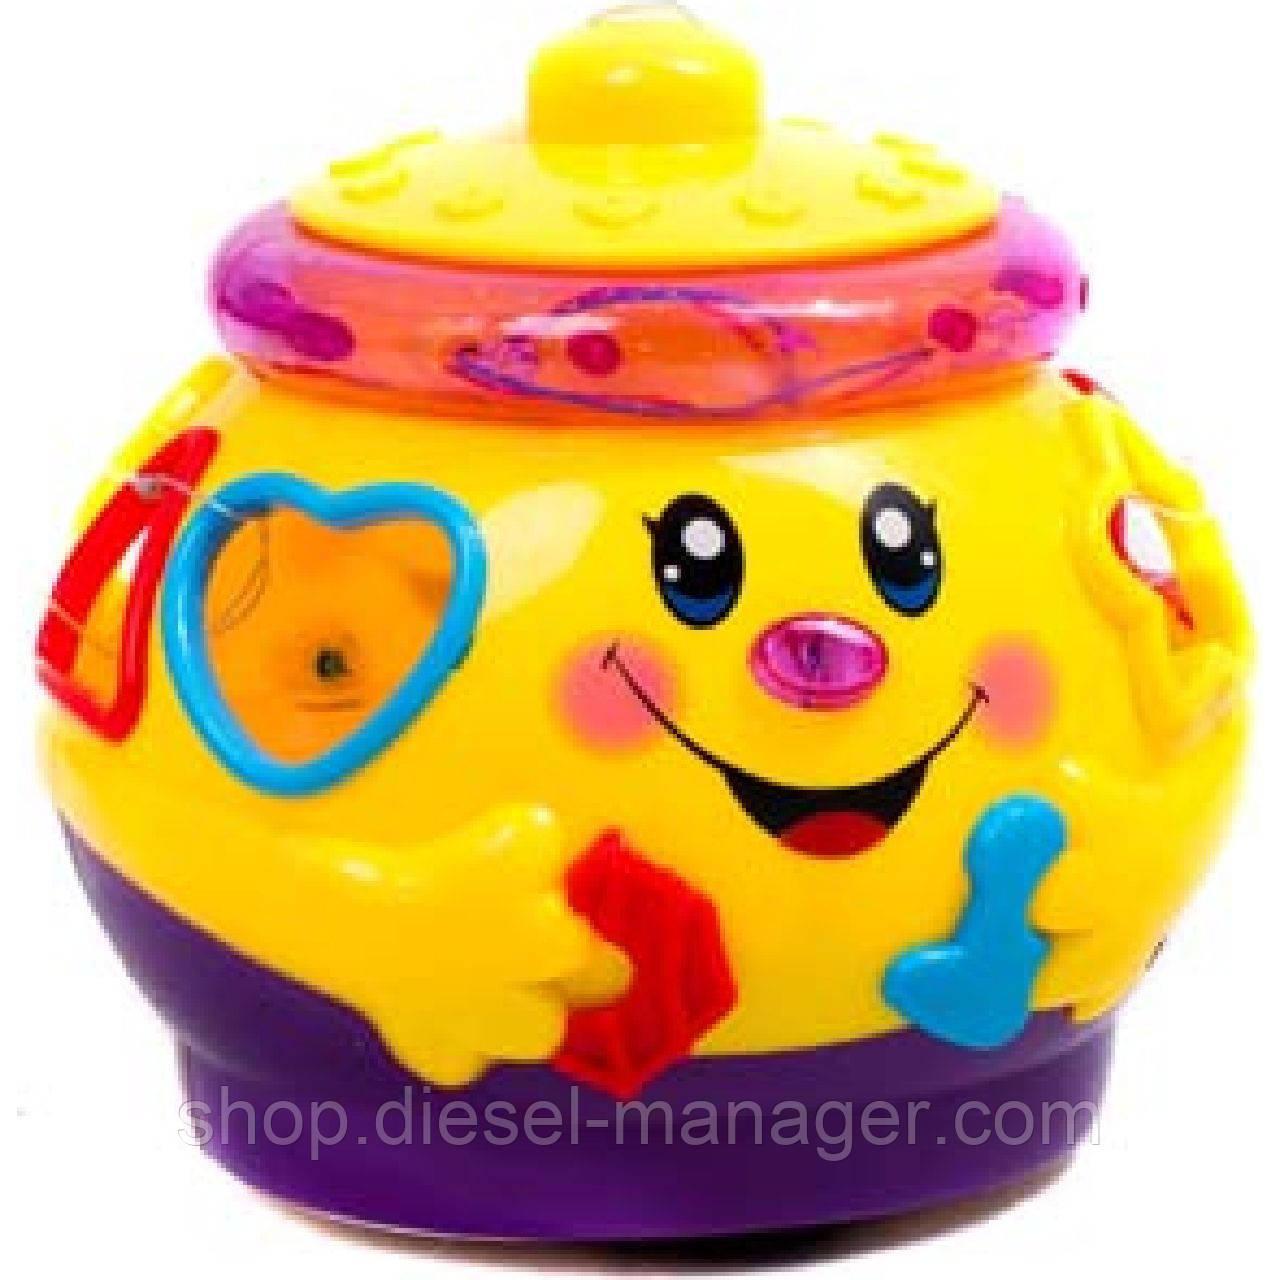 Обучающая игрушка Поющий горшочек Play Smart 0915 Желтый (tsi_42241)